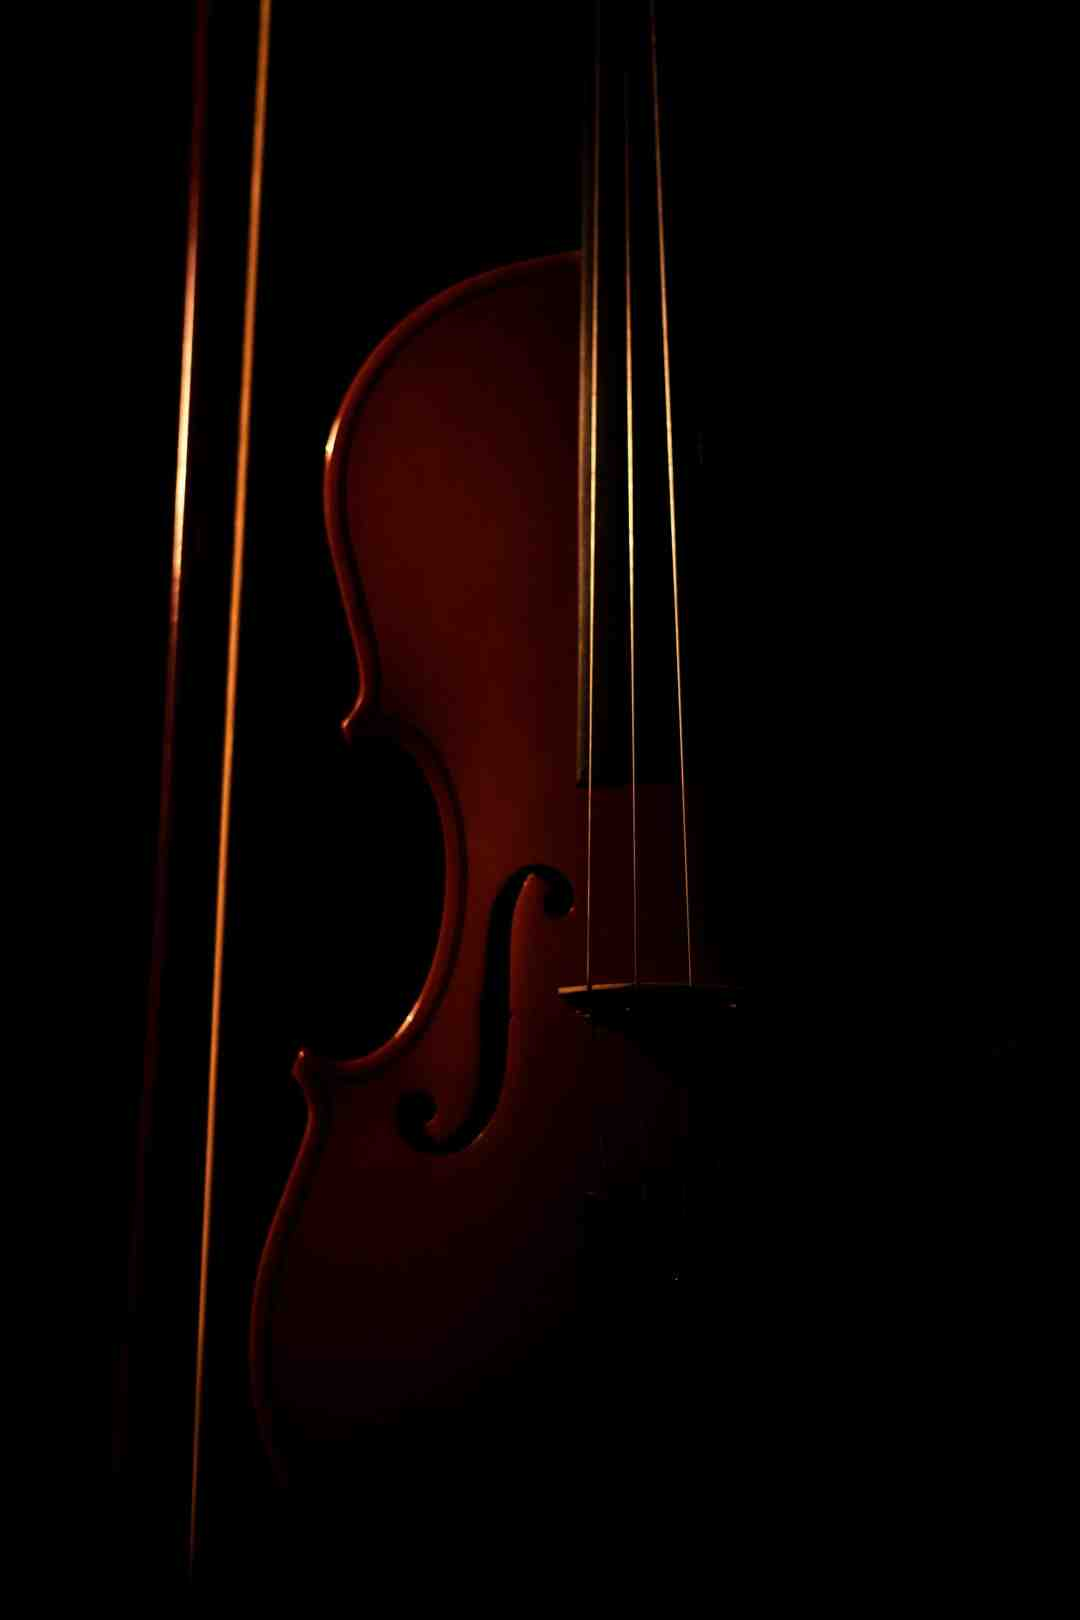 ¿Cuáles son los nombres de las 12 notas musicales?